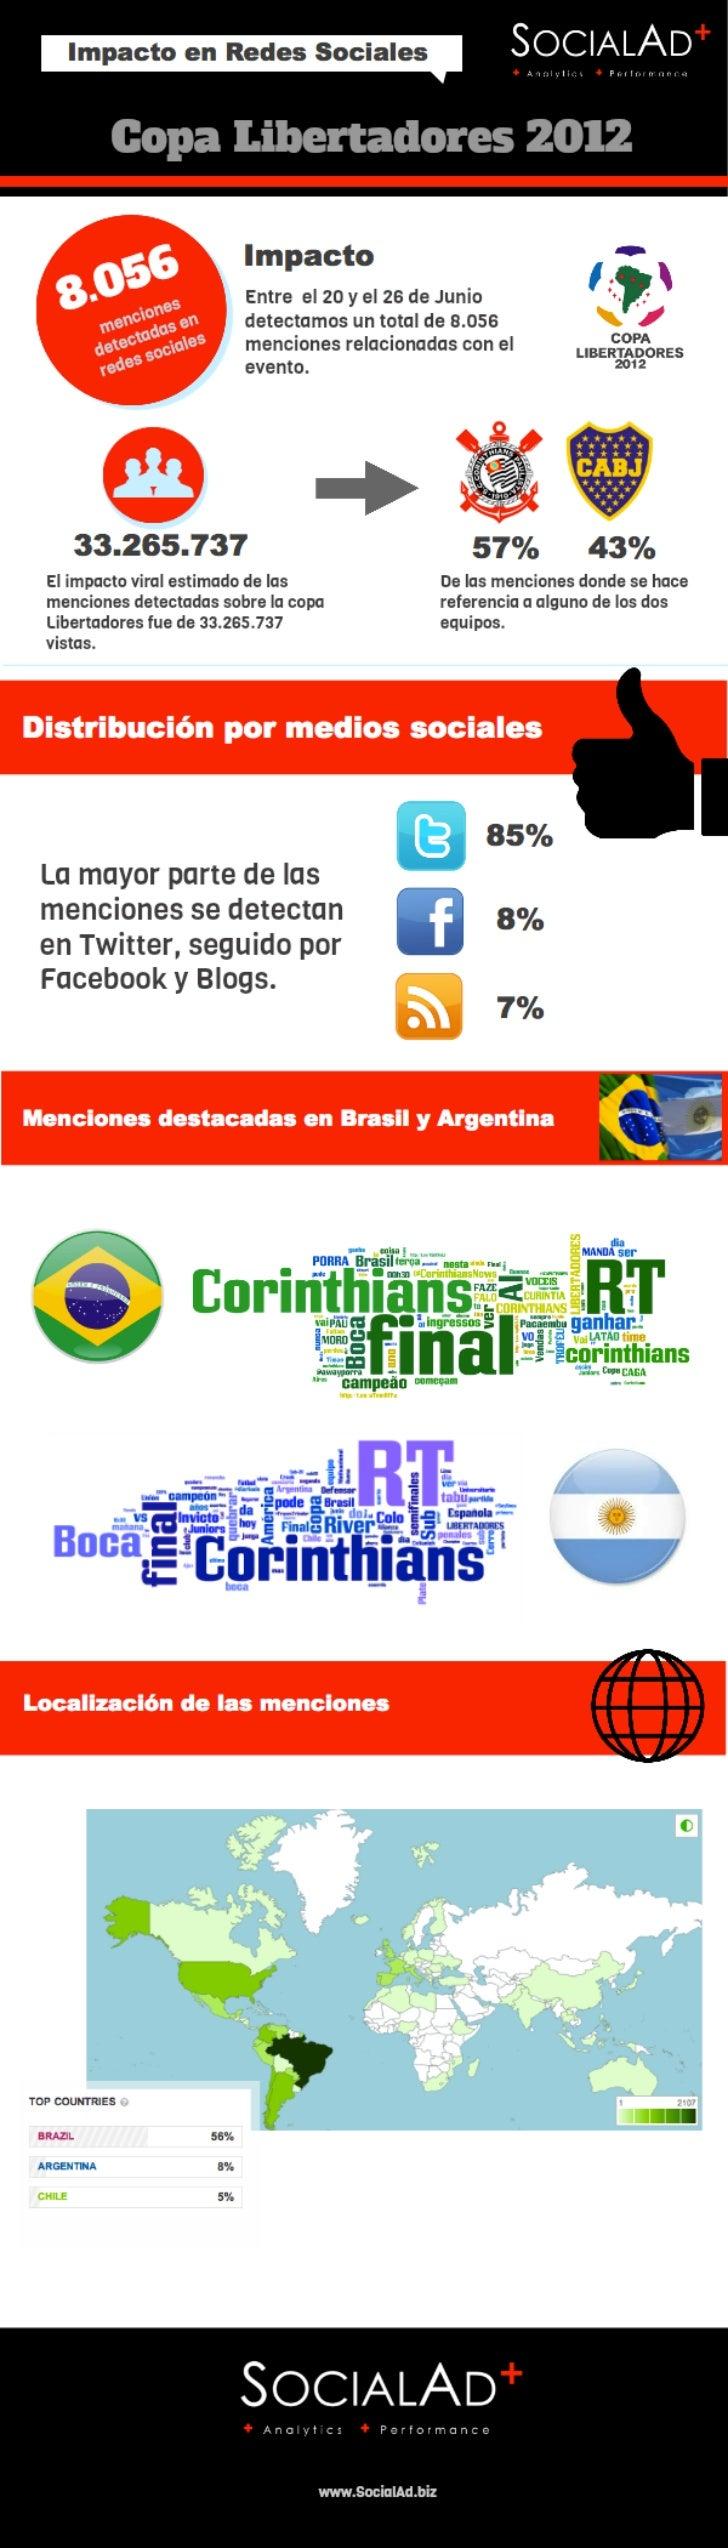 Copa Libertadores 2012. Infografía SocialAd sobre el impacto en redes sociales de la final de la Copa Libertadores.